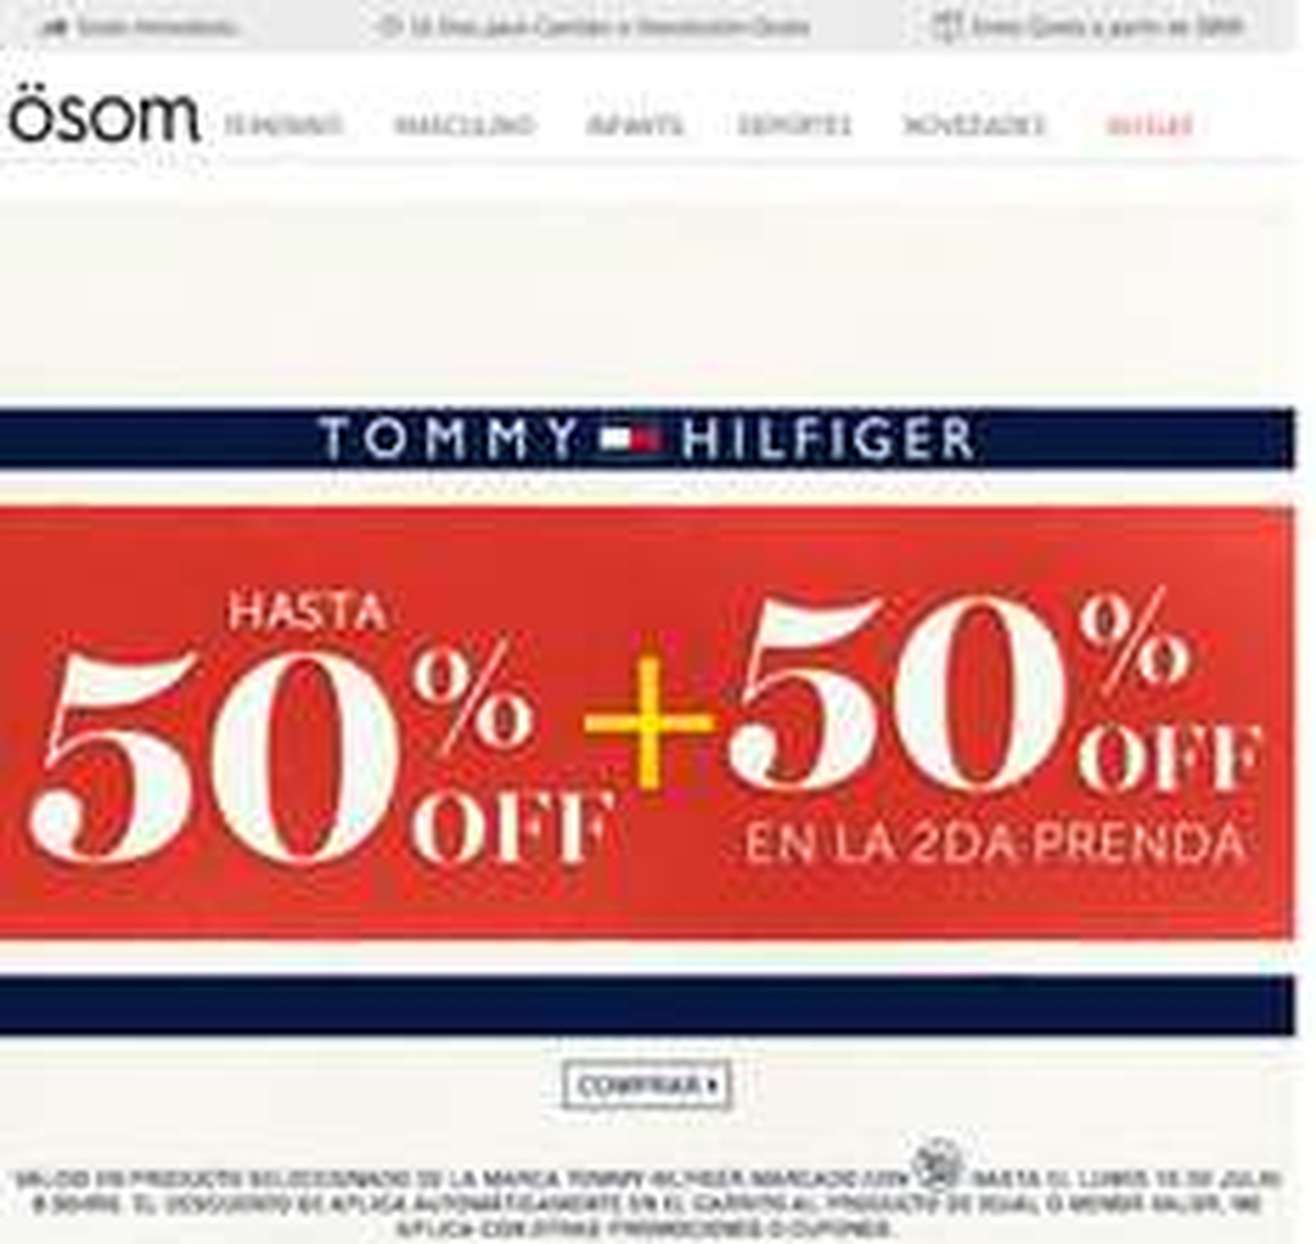 Osom: 50% + 50% en segunda prenda Tommy Hilfiger